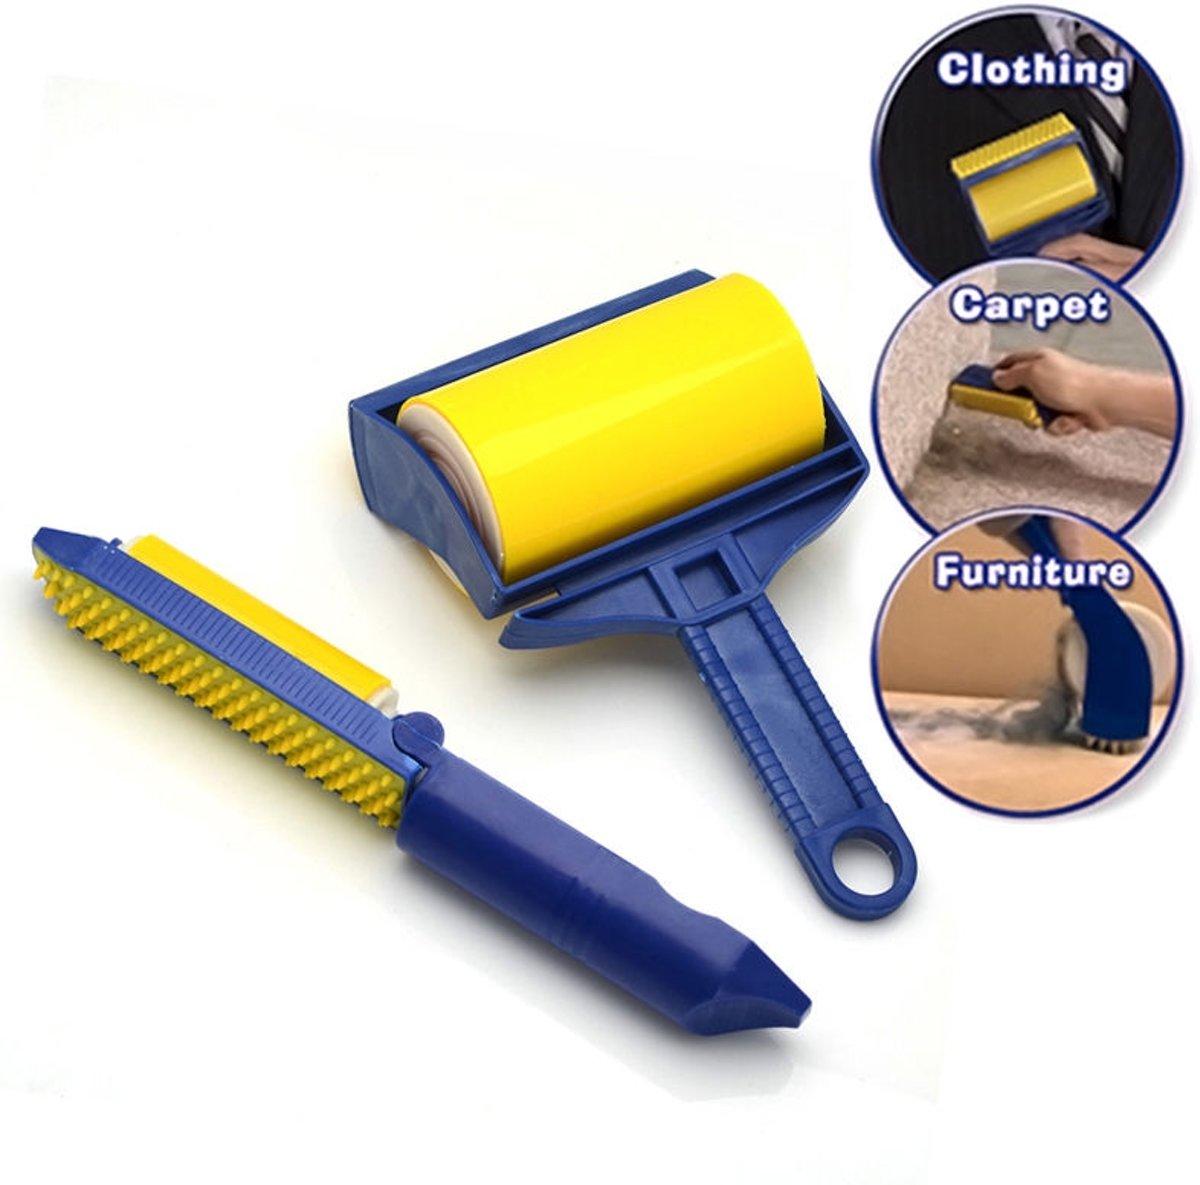 Kledingroller Plakroller - Stofroller Pluizenroller Set - Kledingborstel Pluizenroller - Pluizenborstel - Pluizenverwijderaar kopen